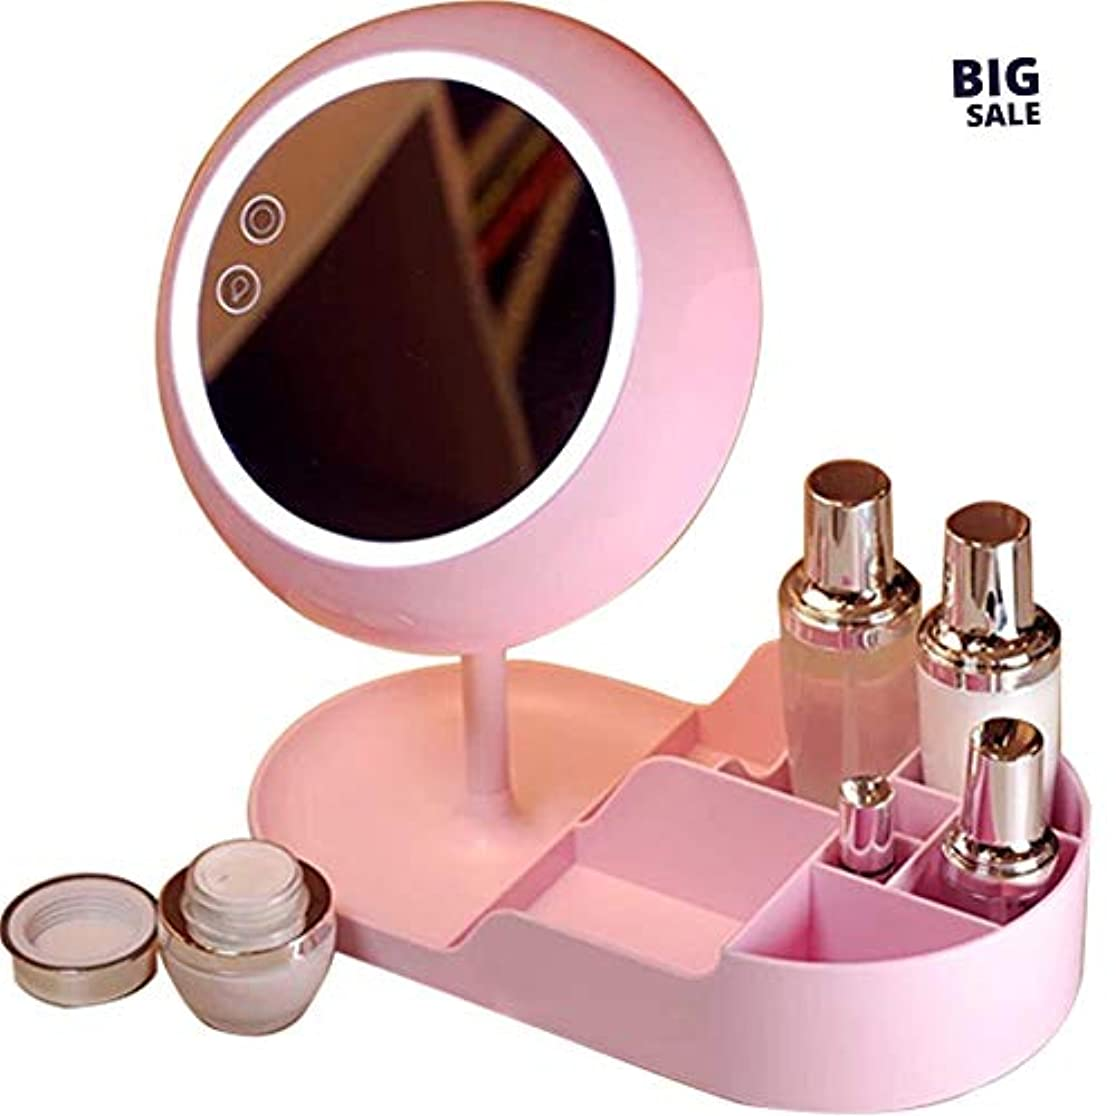 騙す天井第二NICEE創造的な化粧鏡充電式美容化粧鏡、タッチデュアル電源、化粧品収納ボックス化粧鏡NICEY